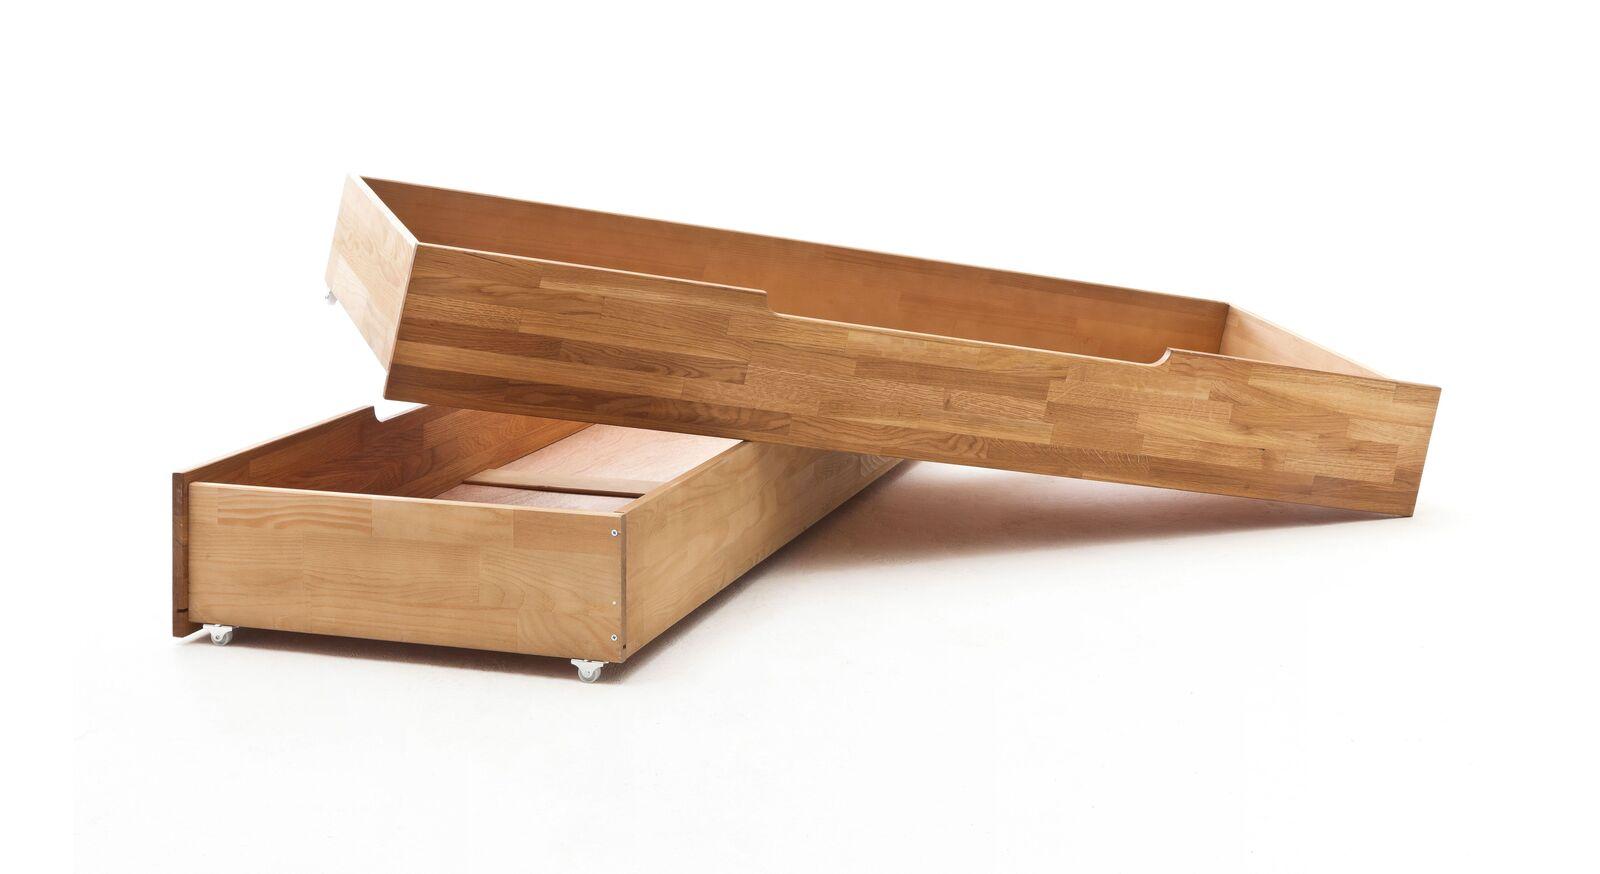 Schubkasten-Bett Pasjas Bettschublade auf leichtgängigen Rollen